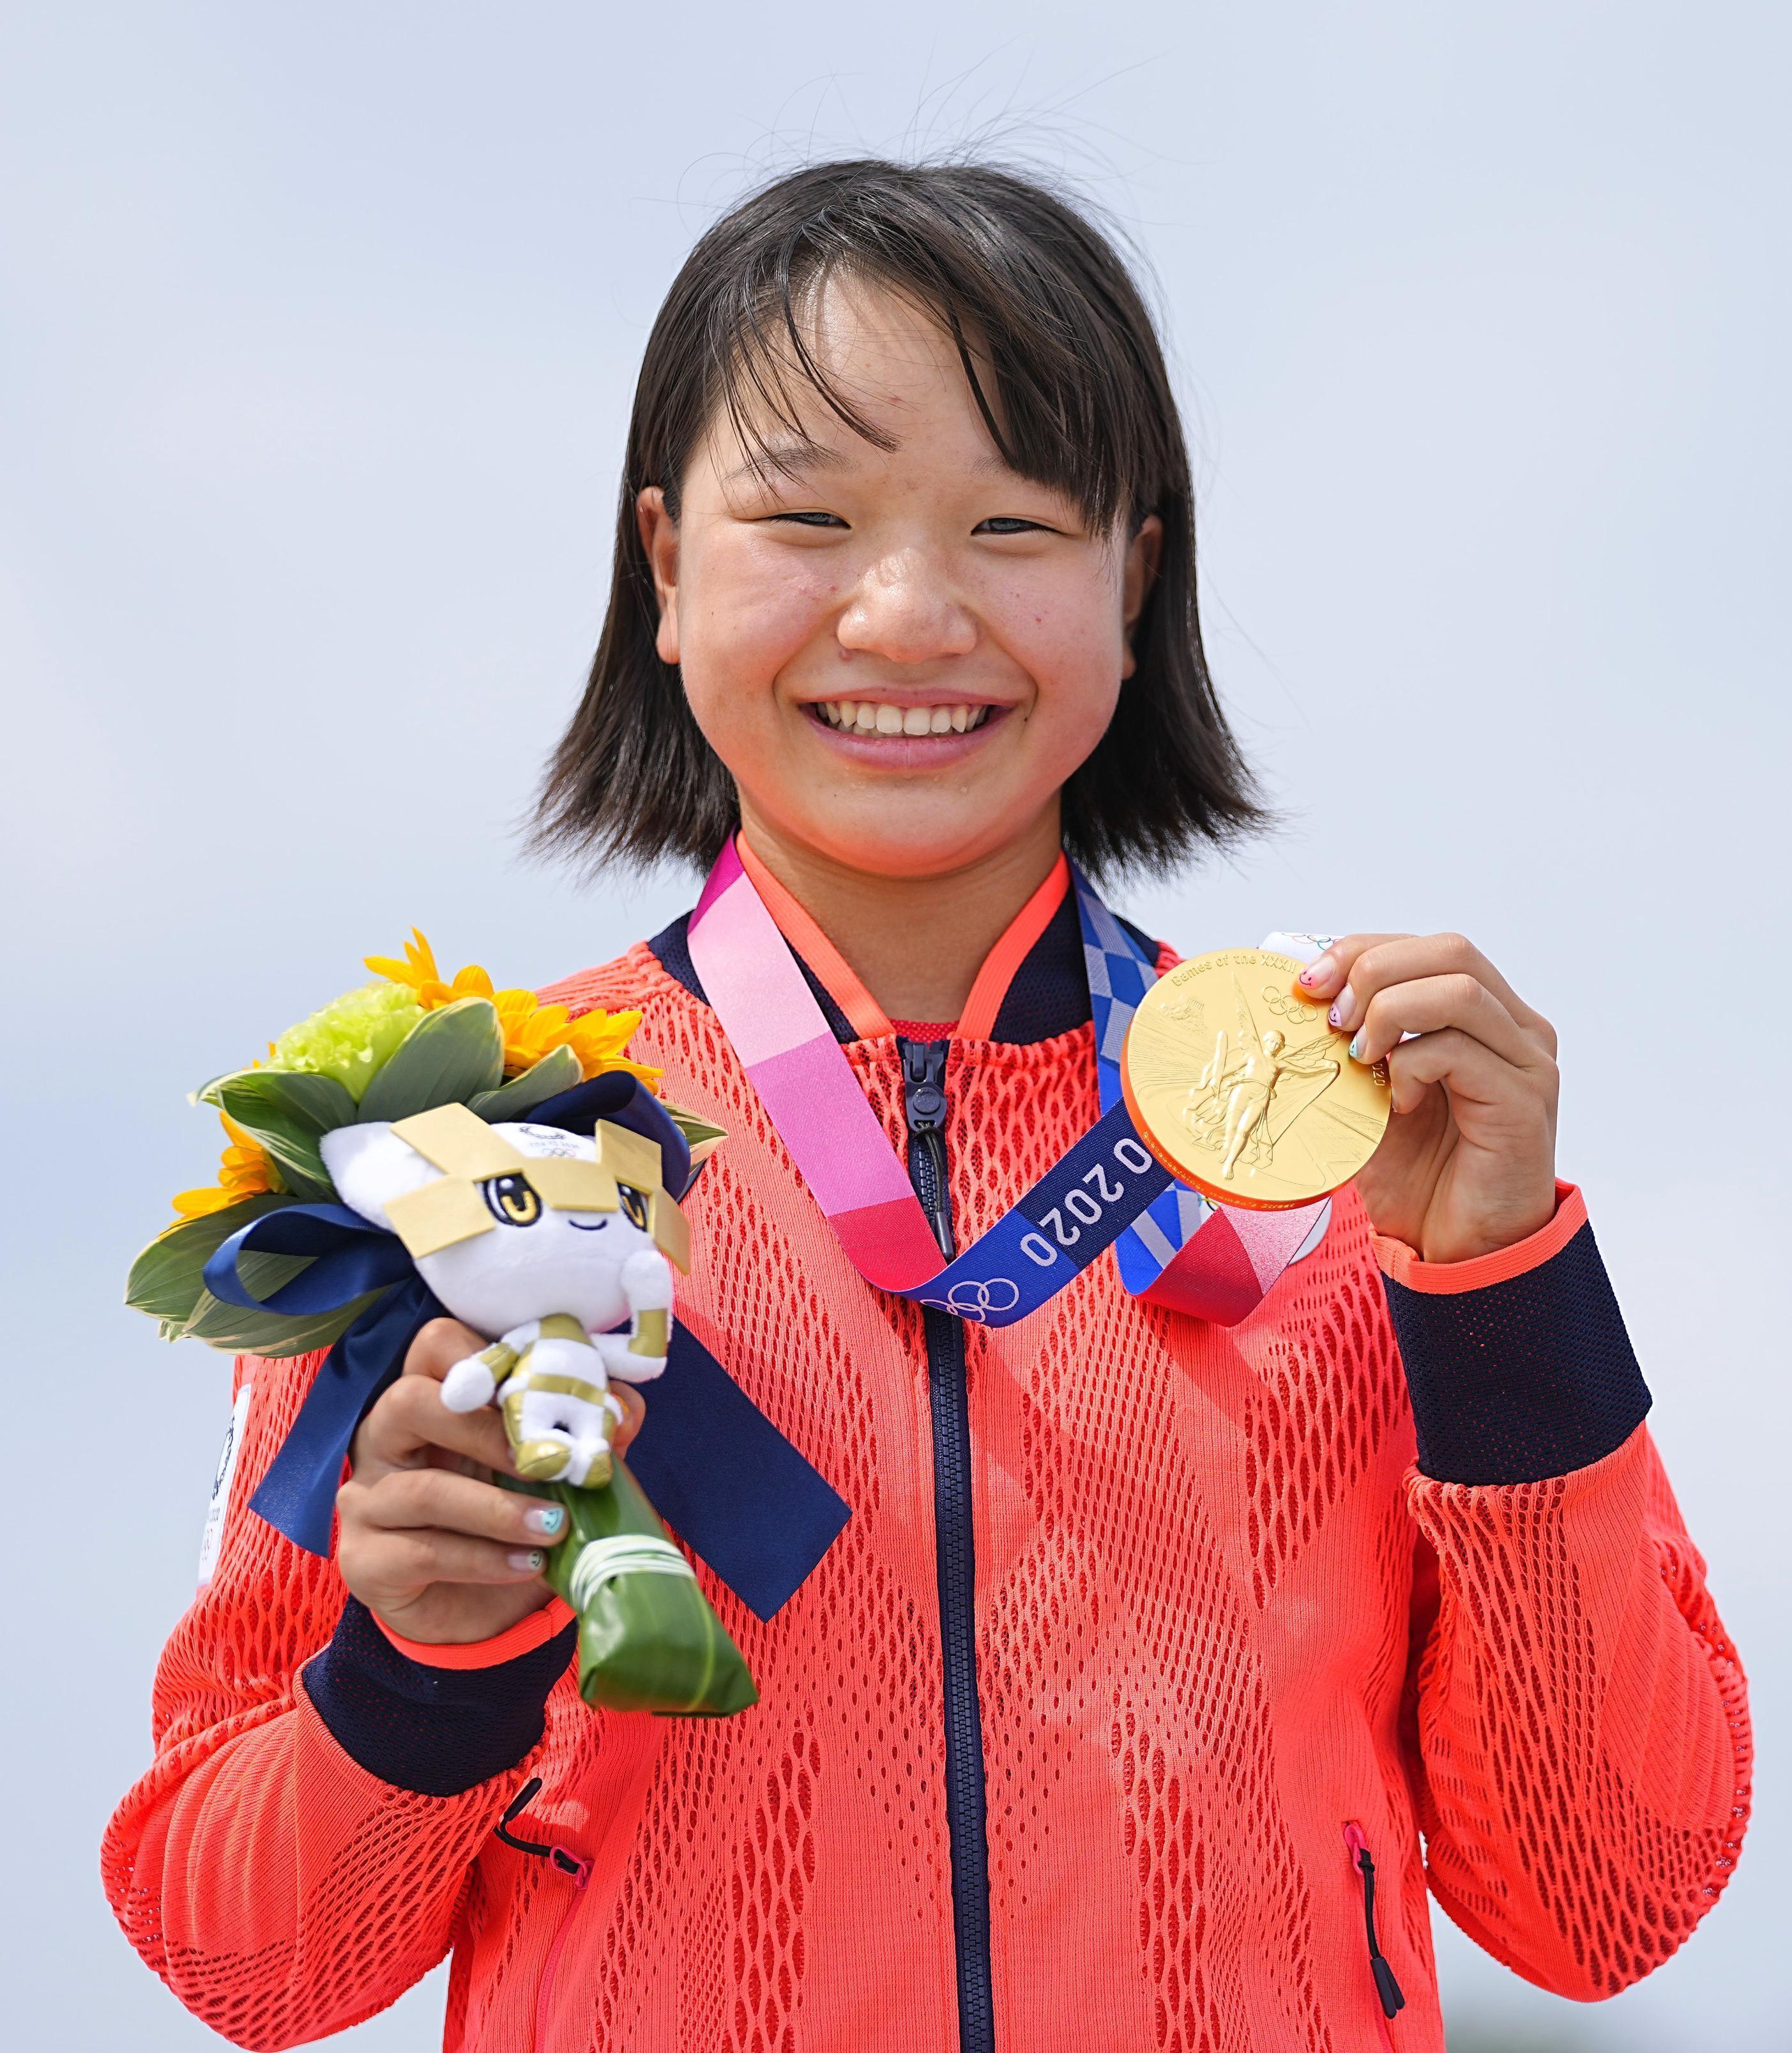 A skatista japonesa Momiji Nishiya, de 13 anos, sorrindo enquanto segura sua medalha de ouro e o mascote das Olimpíadas de Tóquio 2020.